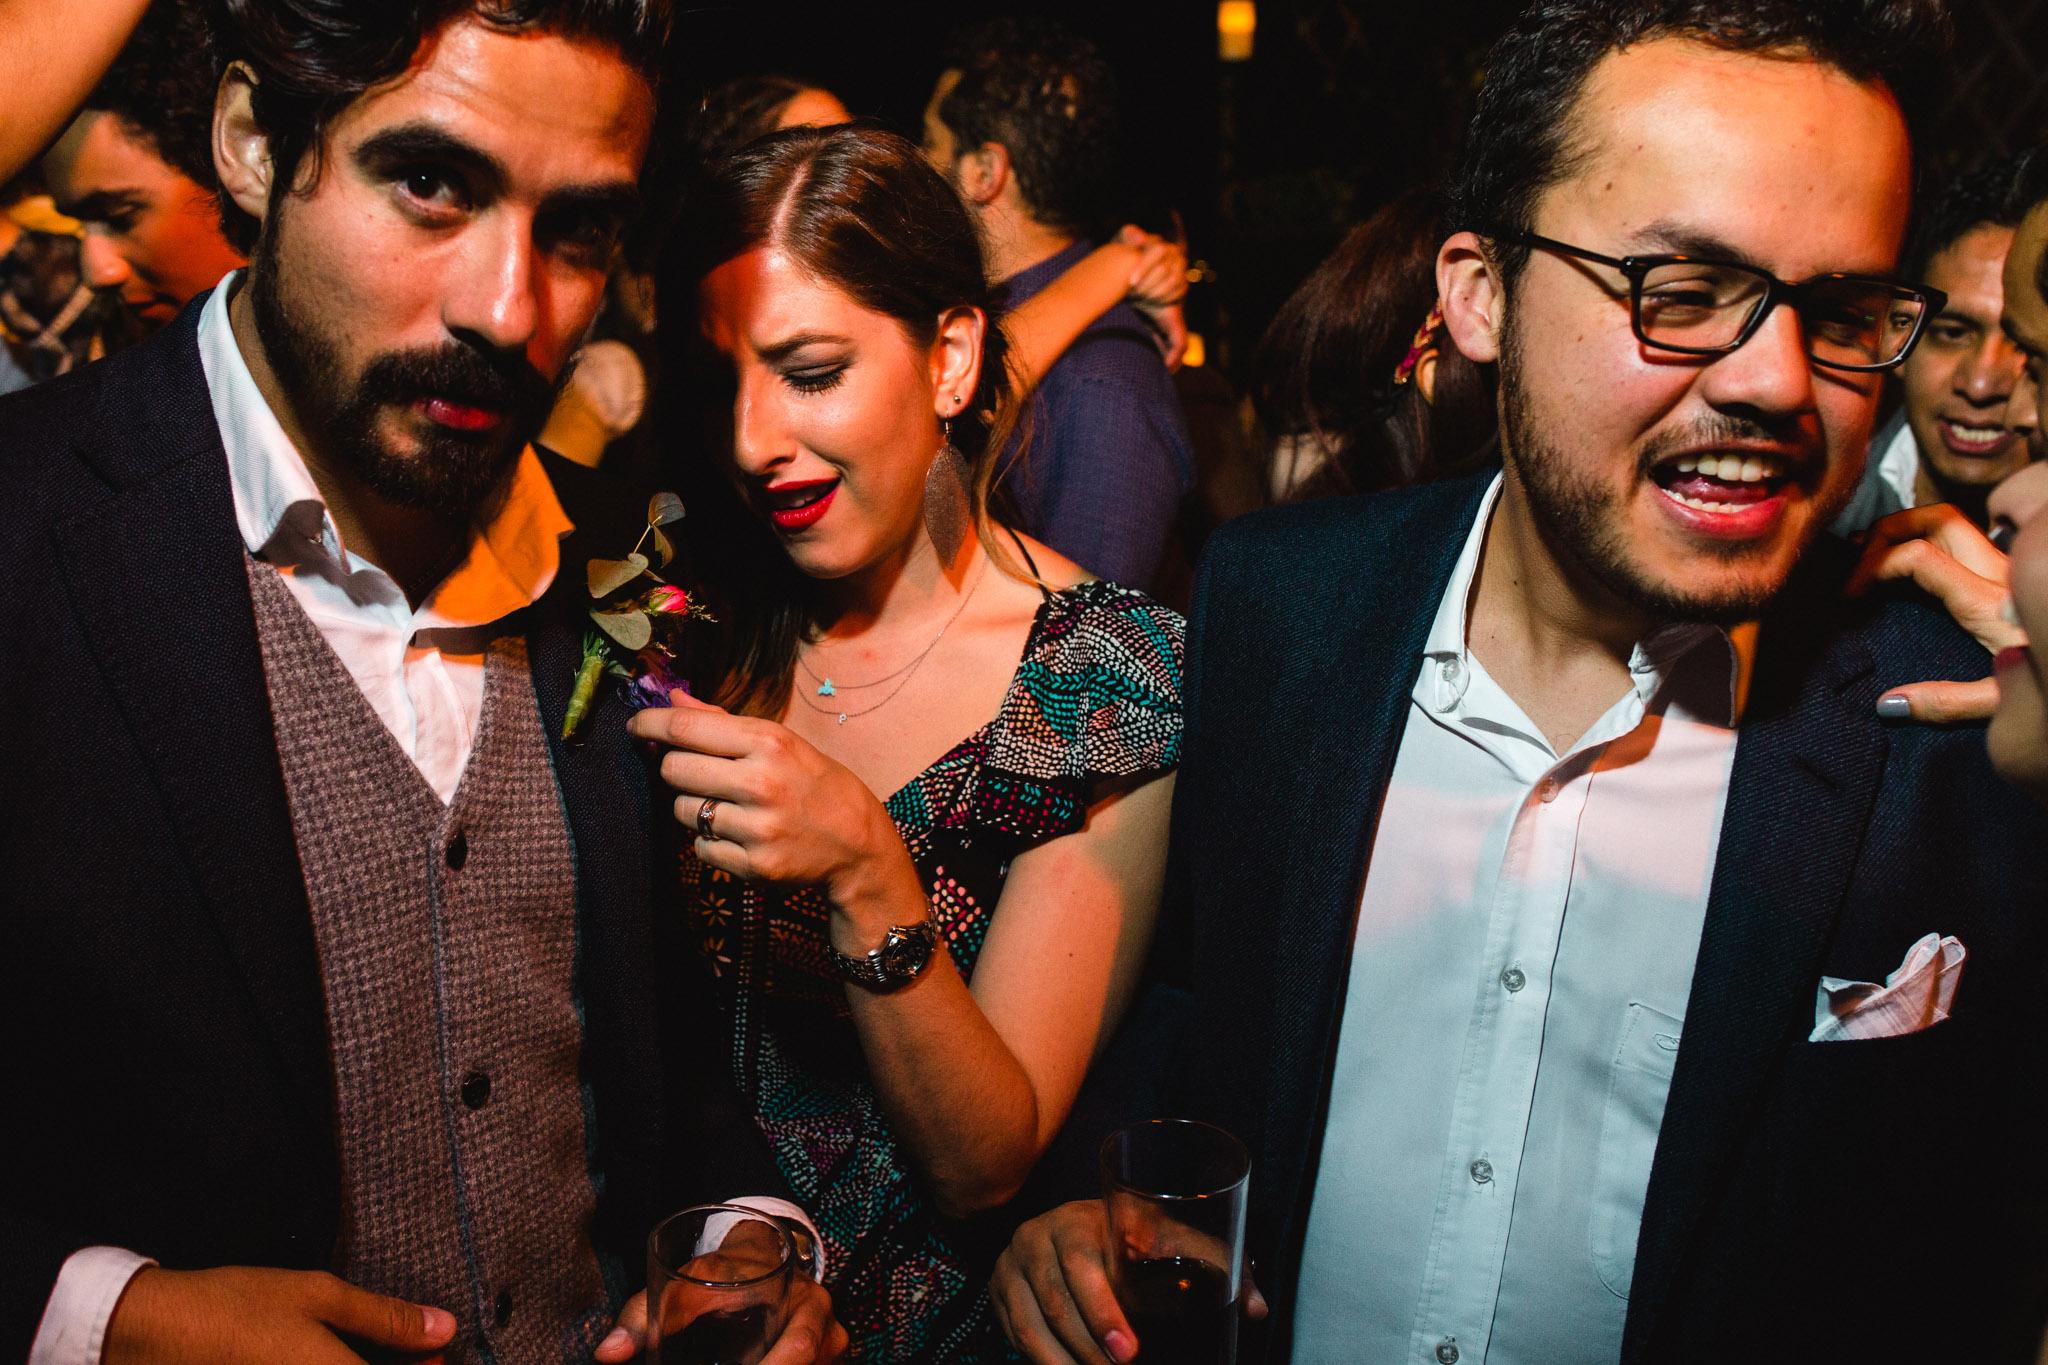 Blog-Wedding-Destination-Photography-San-Miguel-de-Allende-Jorge-Navarrete-Fotografía-Boda-Sandra-Beto-28.jpg